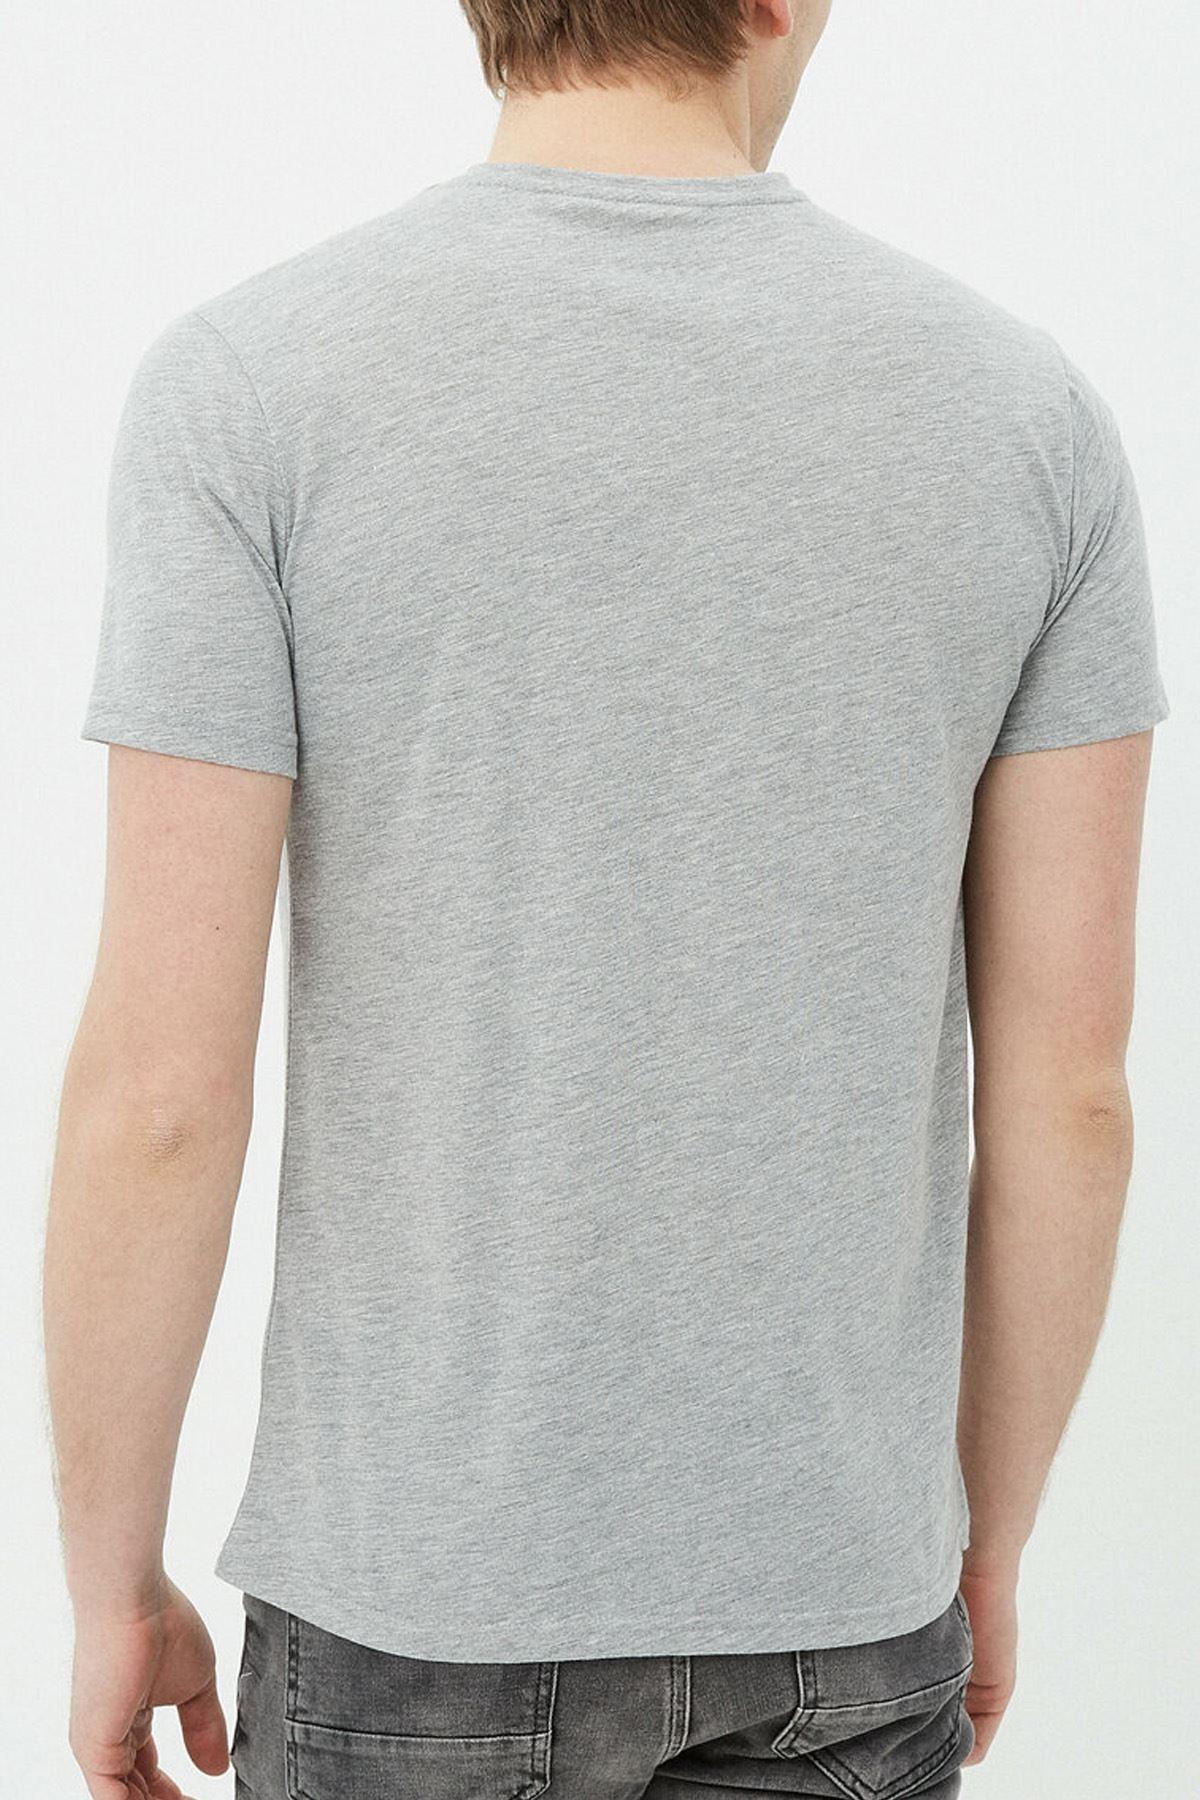 Anime Monkey Gri Erkek Tshirt - Tişört